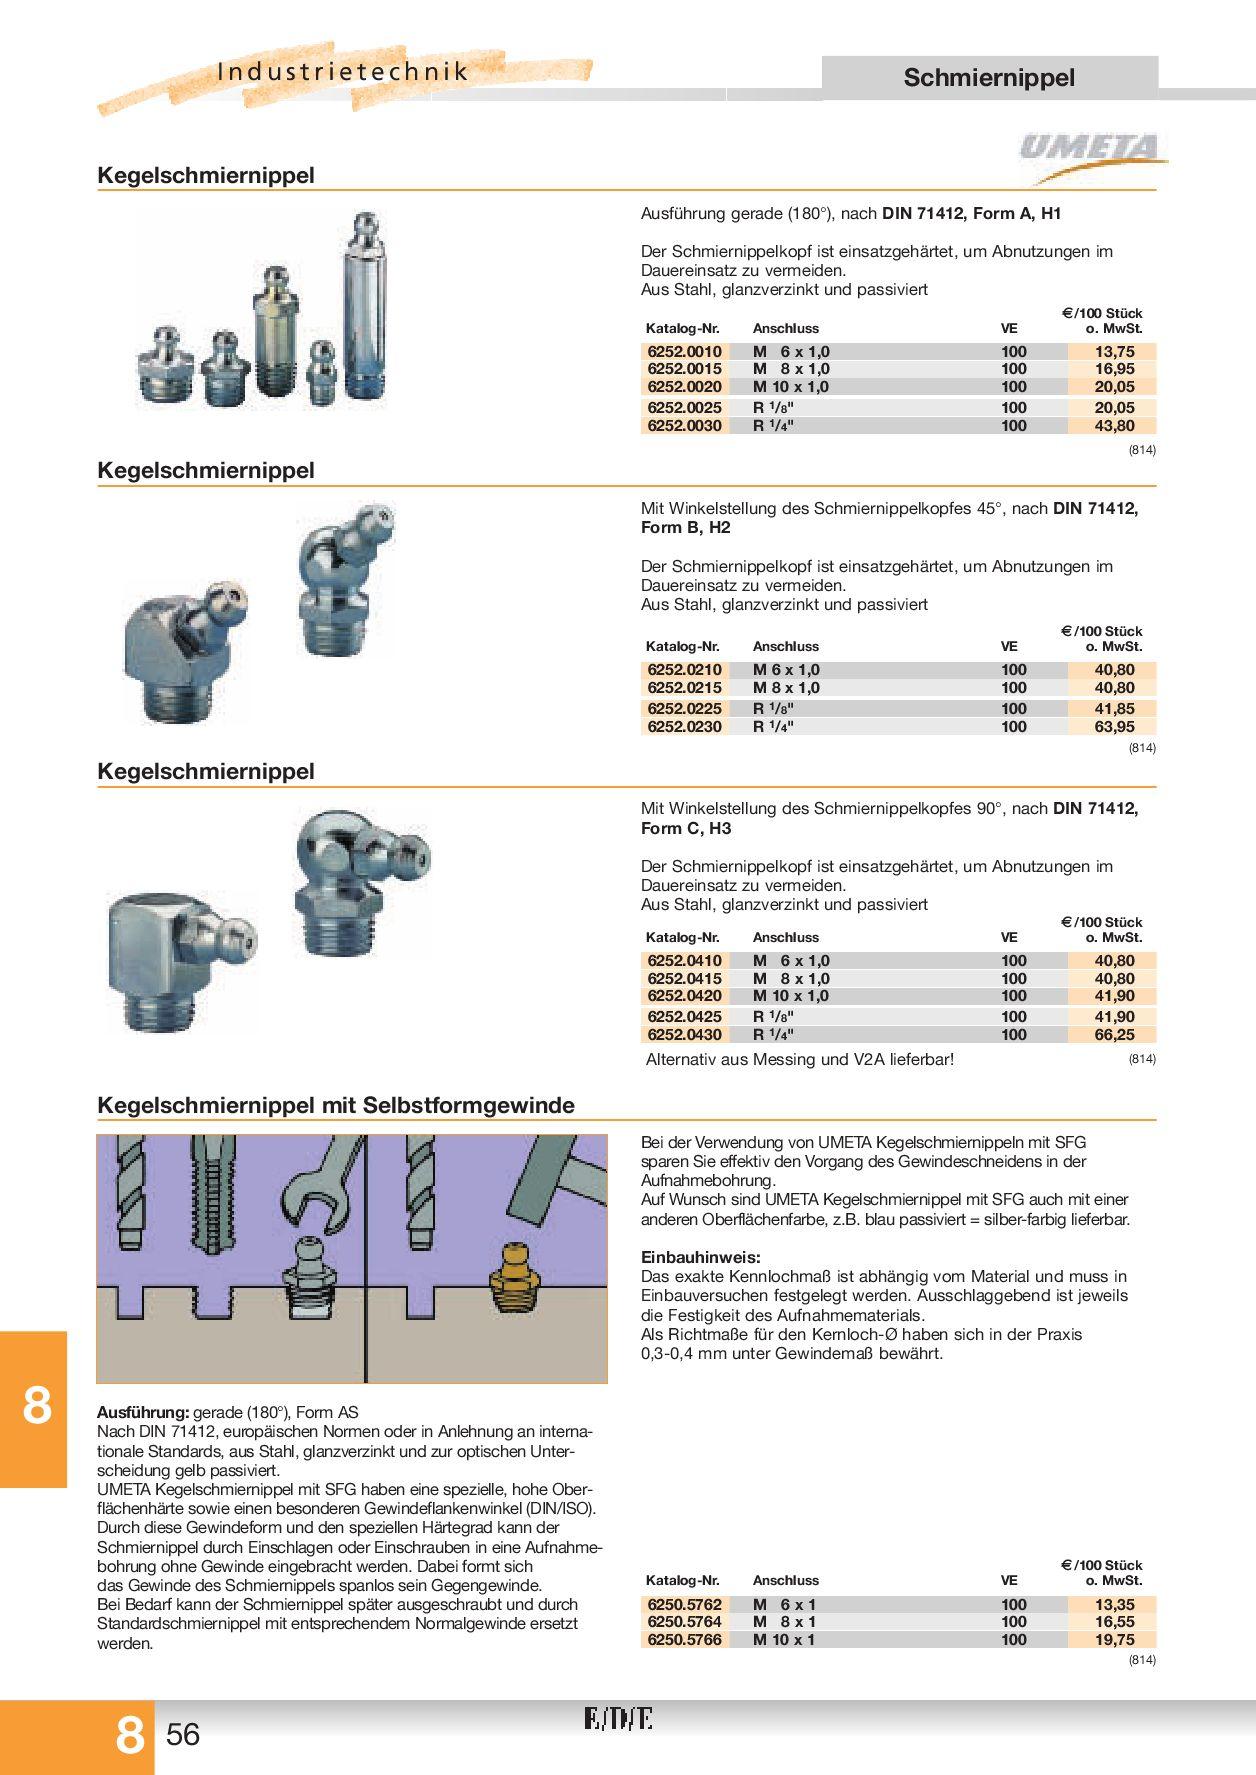 DIN 71412 A Kegelschmiernippel 100 Stück Schmiernippel Stahl SFG M8 x 1,0